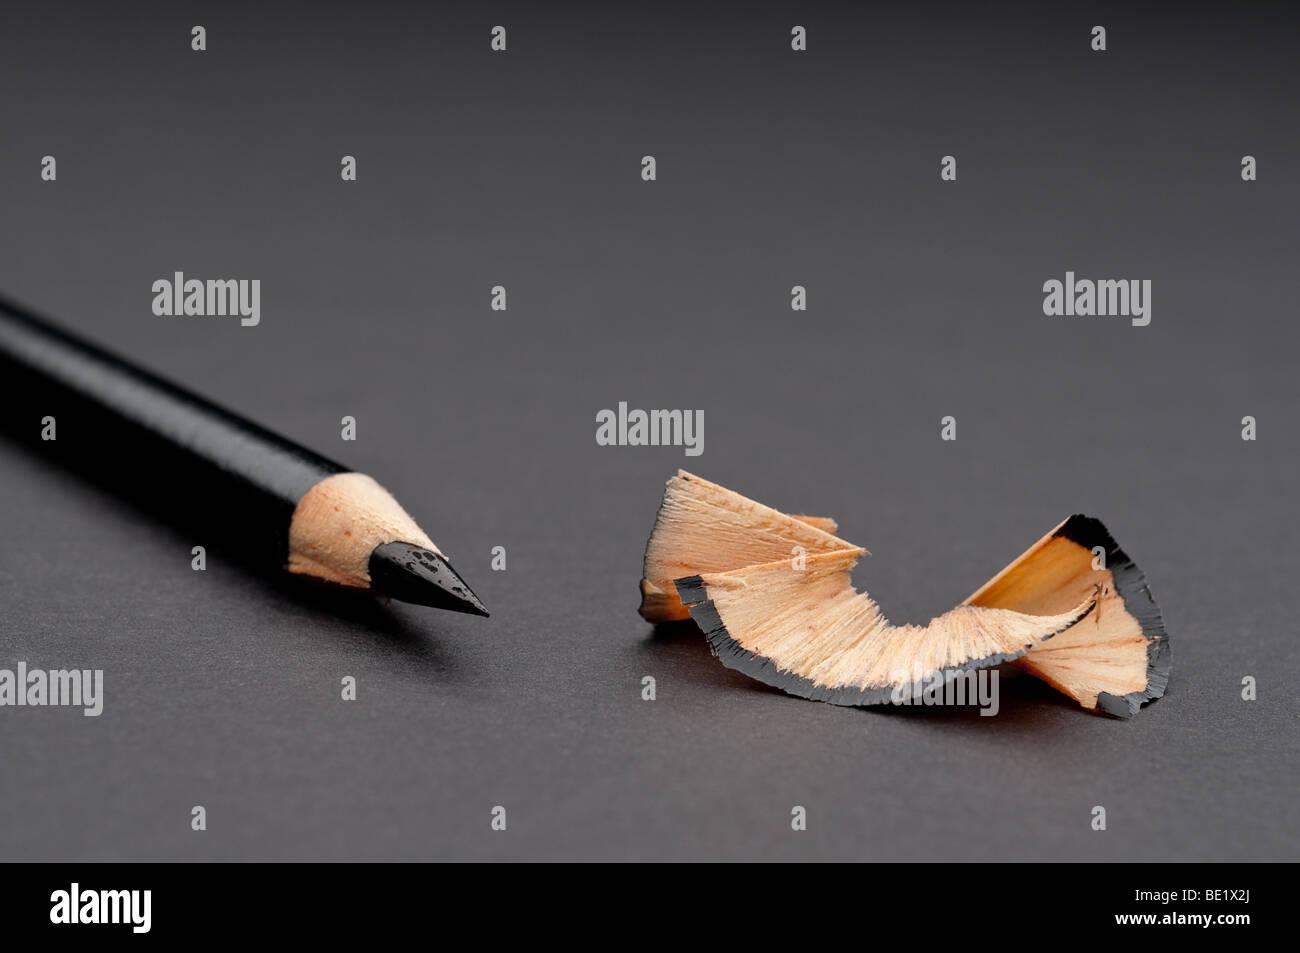 Horizontale Nahaufnahme von einem scharfen schwarzen Stift mit Späne Stockbild